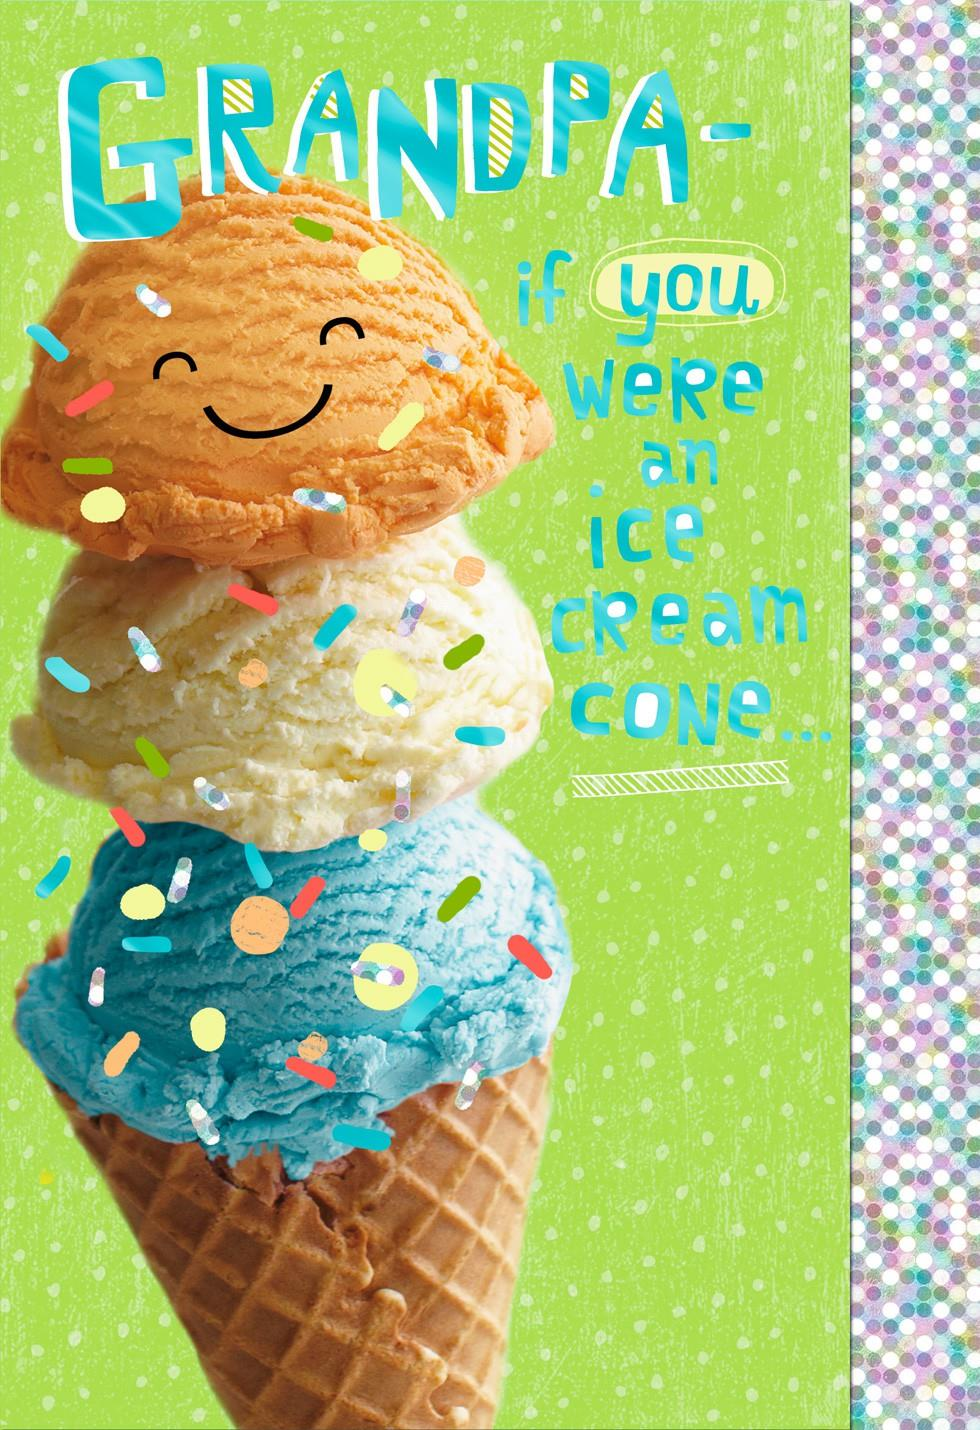 triple scoop ice cream cone father u0027s day card for grandpa